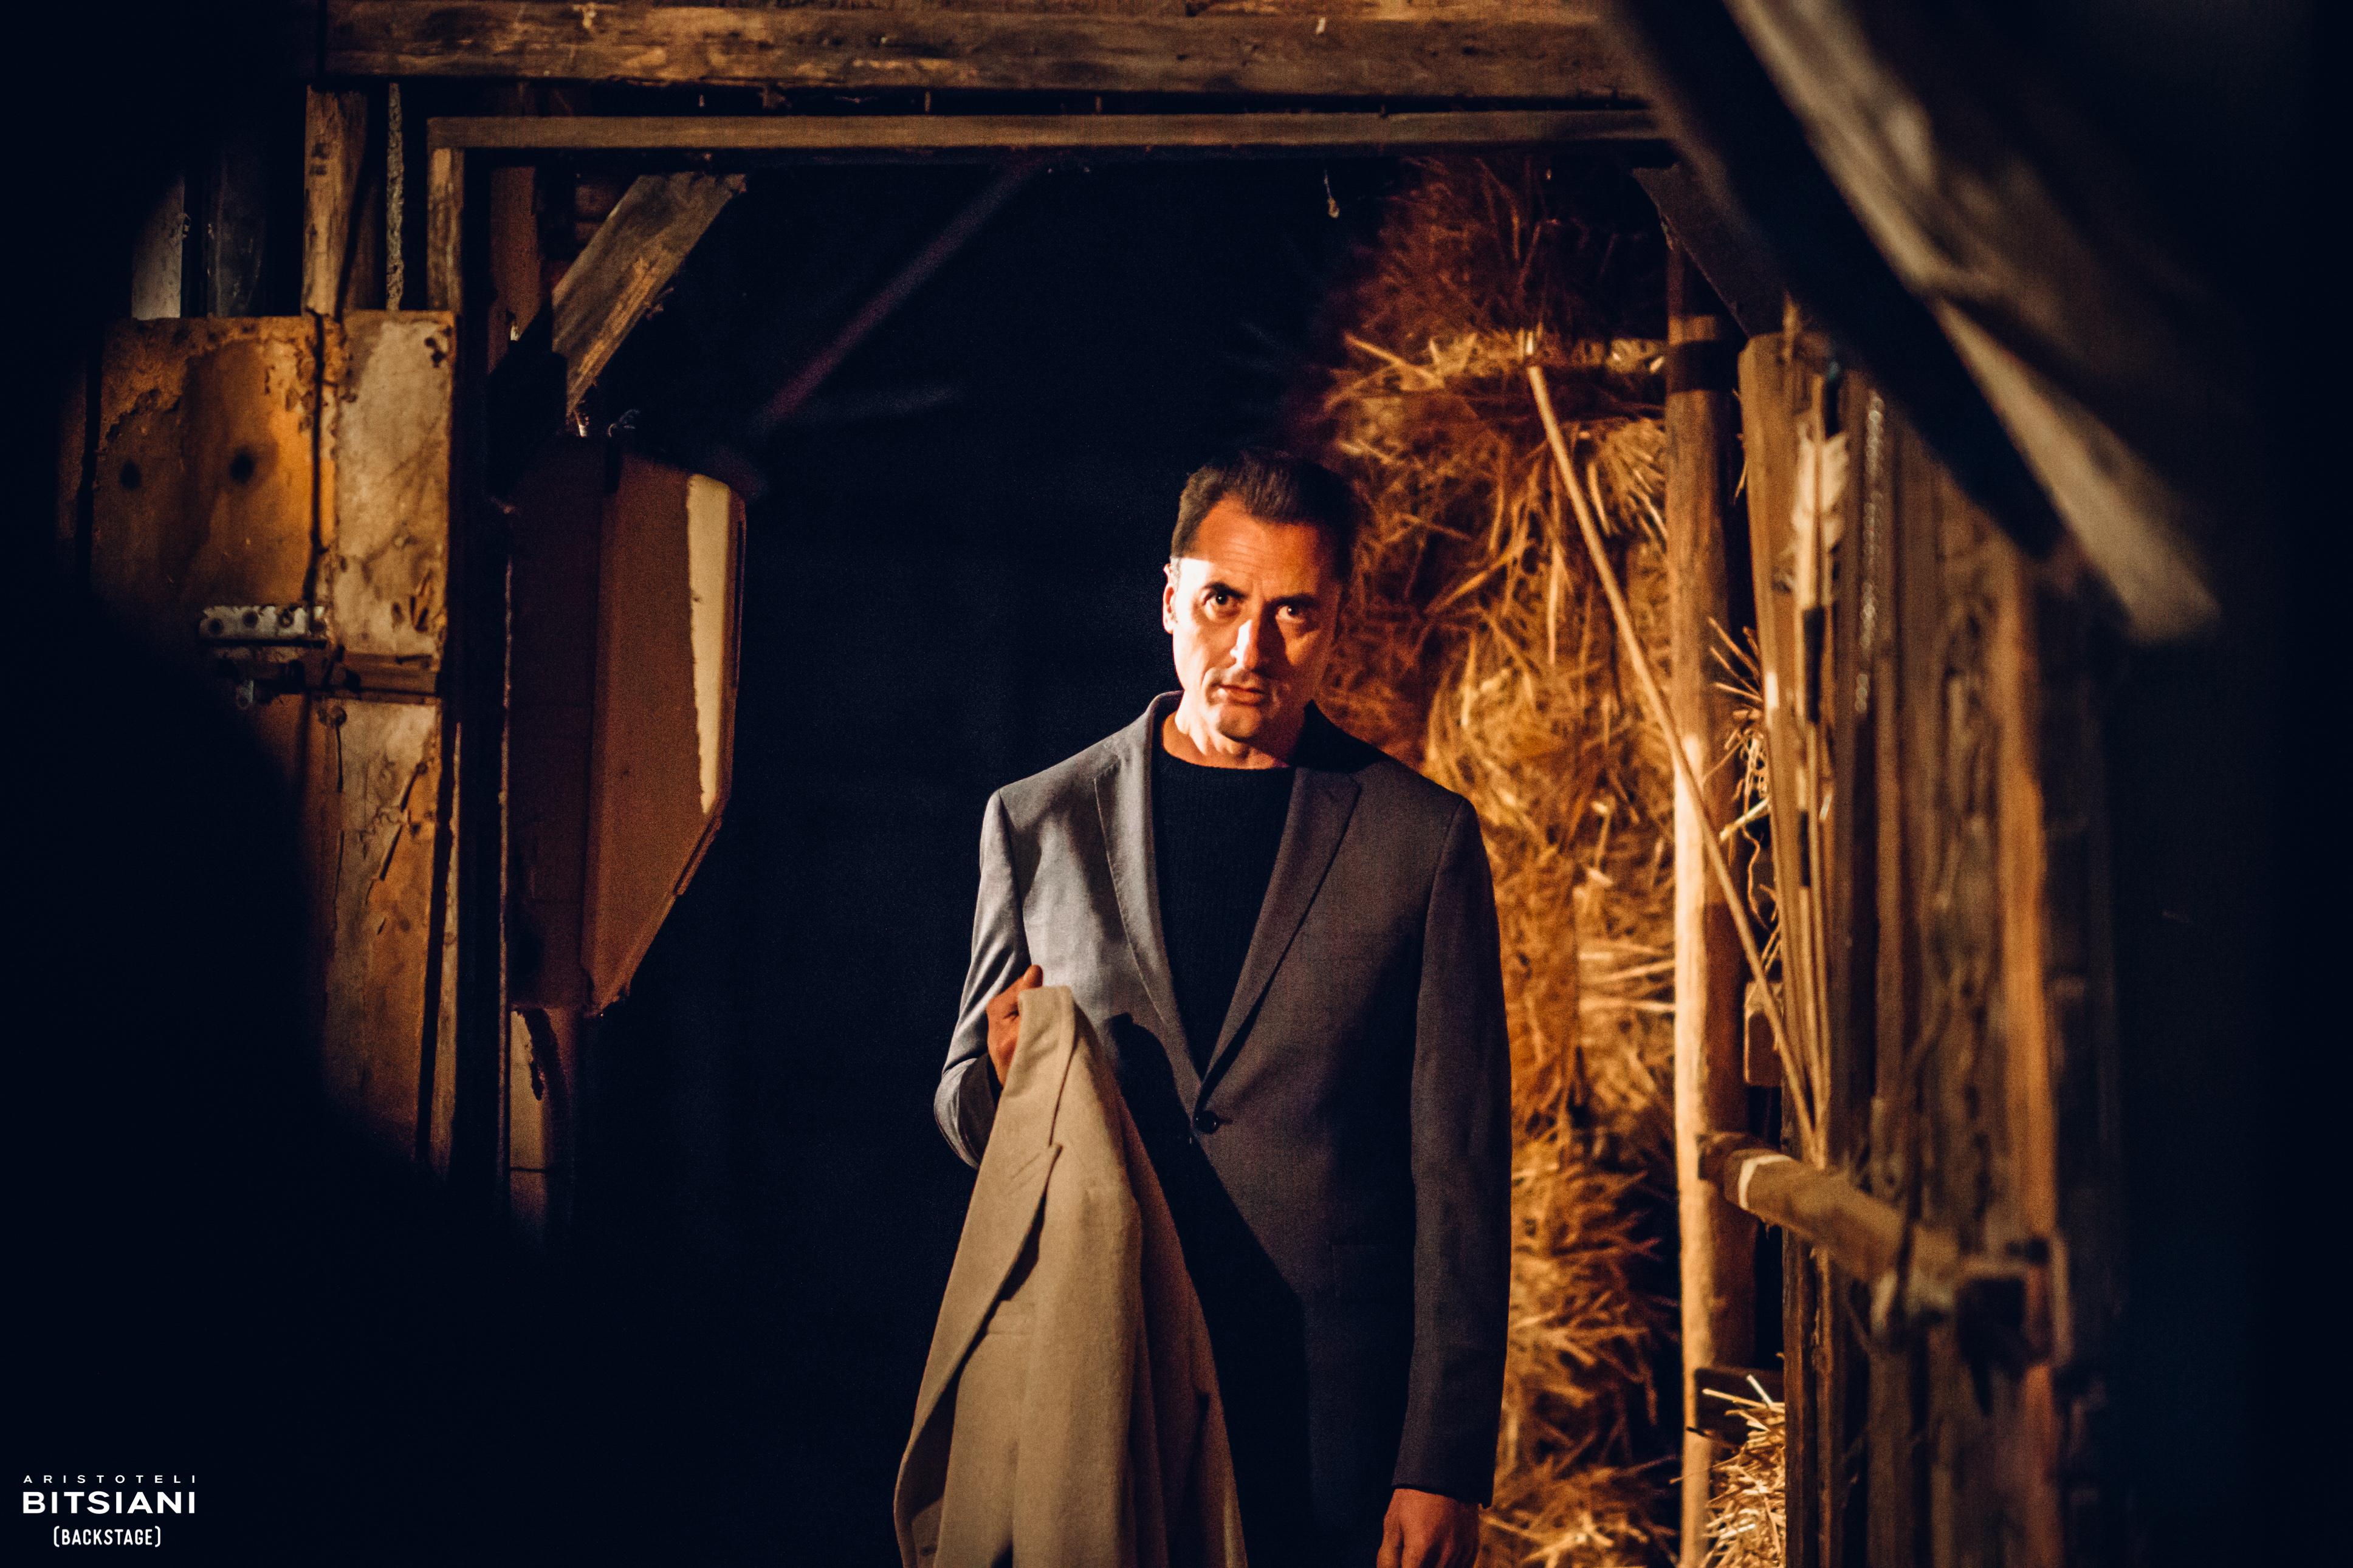 Steve Ketner - Backstage - Heritage - Aristoteli Bitsiani